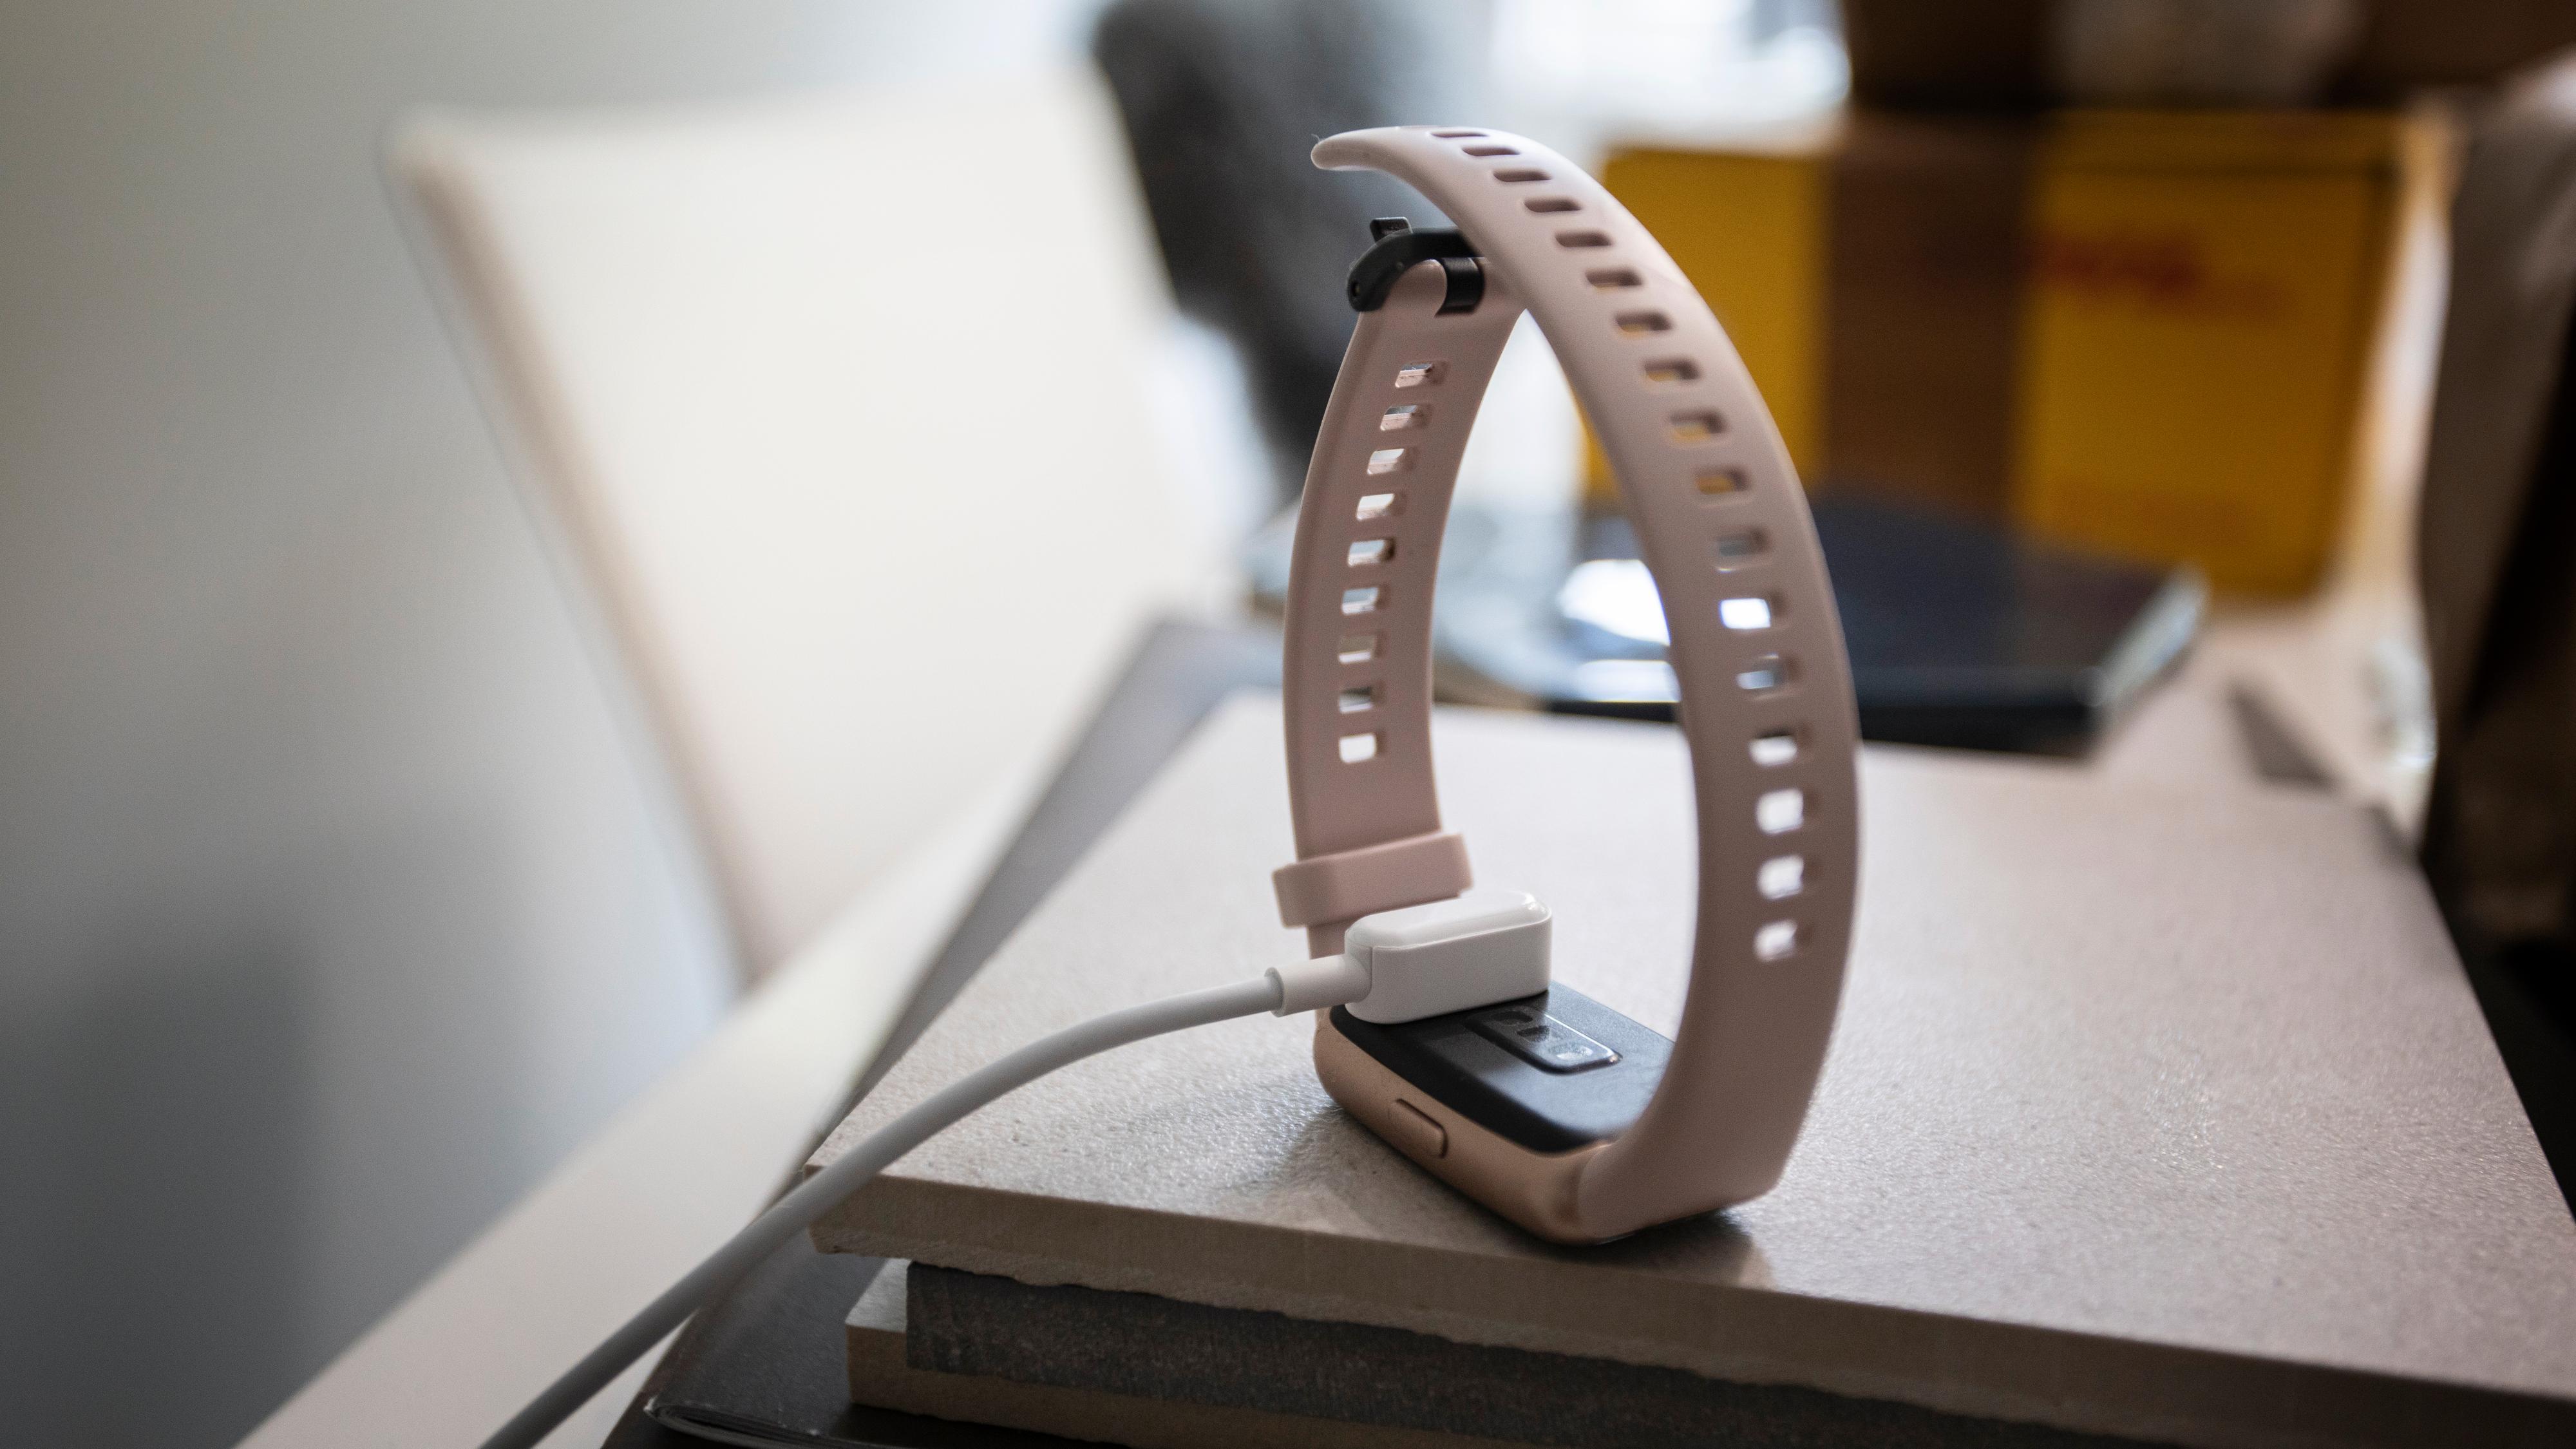 Lading gjøres med denne kabelen, som festes magnetisk til klokka.